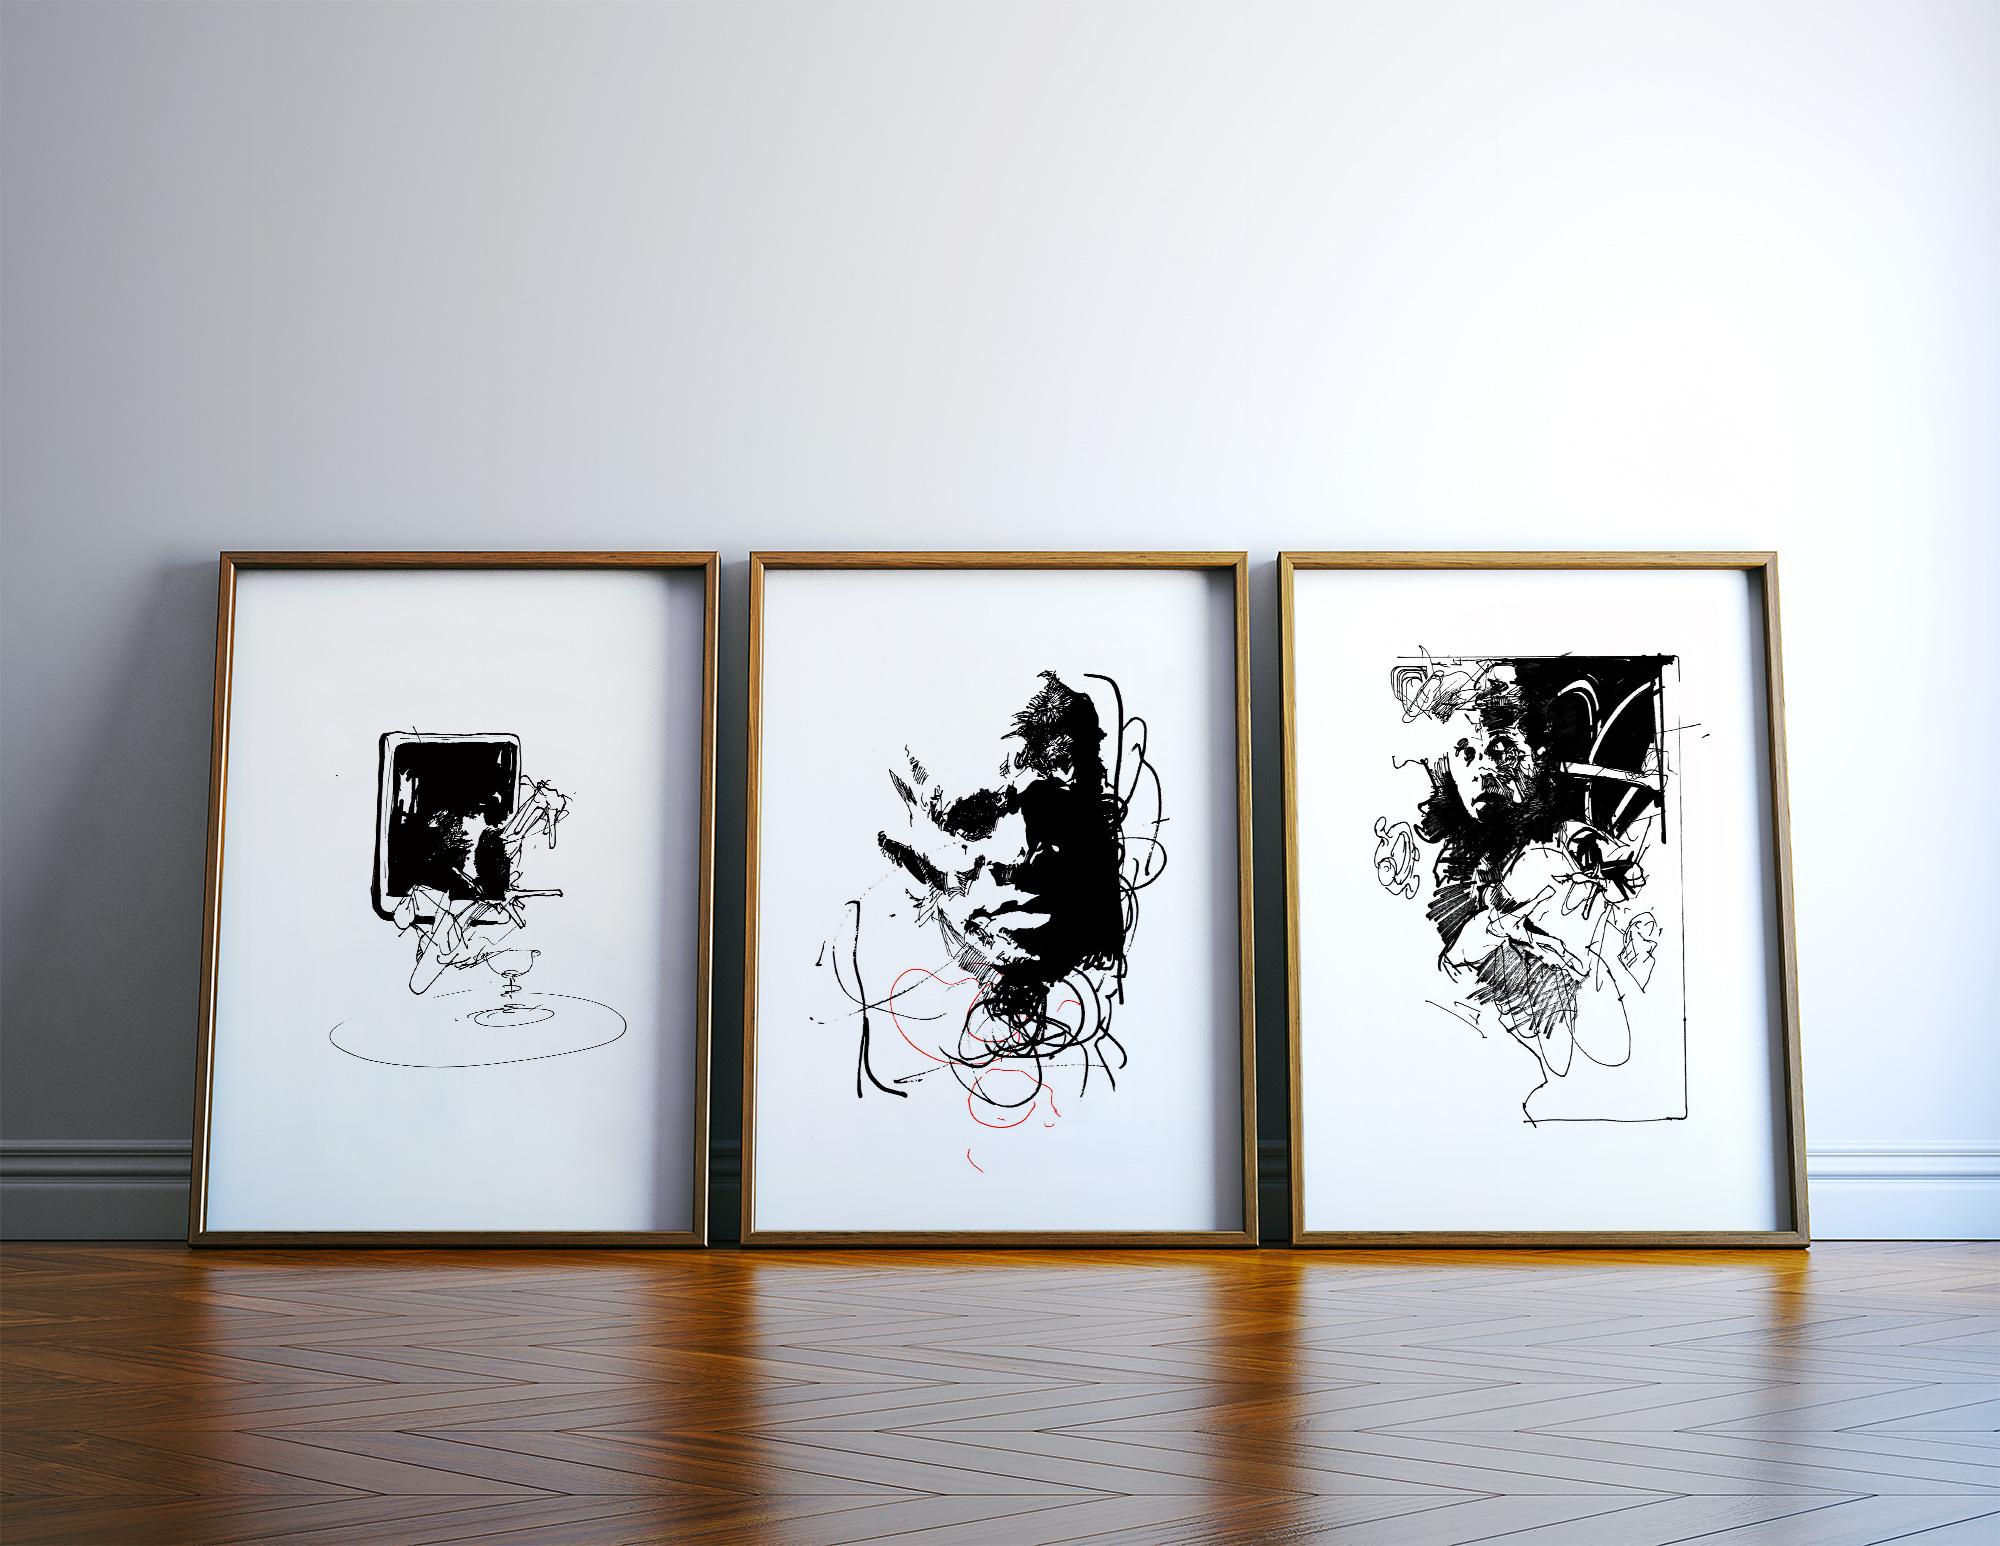 kunsttryk, gliceé, abstrakte, ekspressionistiske, figurative, portræt, mønstre, mennesker, sorte, hvide, blæk, papir, sort-hvide, samtidskunst, dansk, dekorative, design, ekspressionisme, ansigter, interiør, bolig-indretning, moderne, moderne-kunst, nordisk, plakater, tryk, skandinavisk, Køb original kunst og kunstplakater. Malerier, tegninger, limited edition kunsttryk & plakater af dygtige kunstnere.